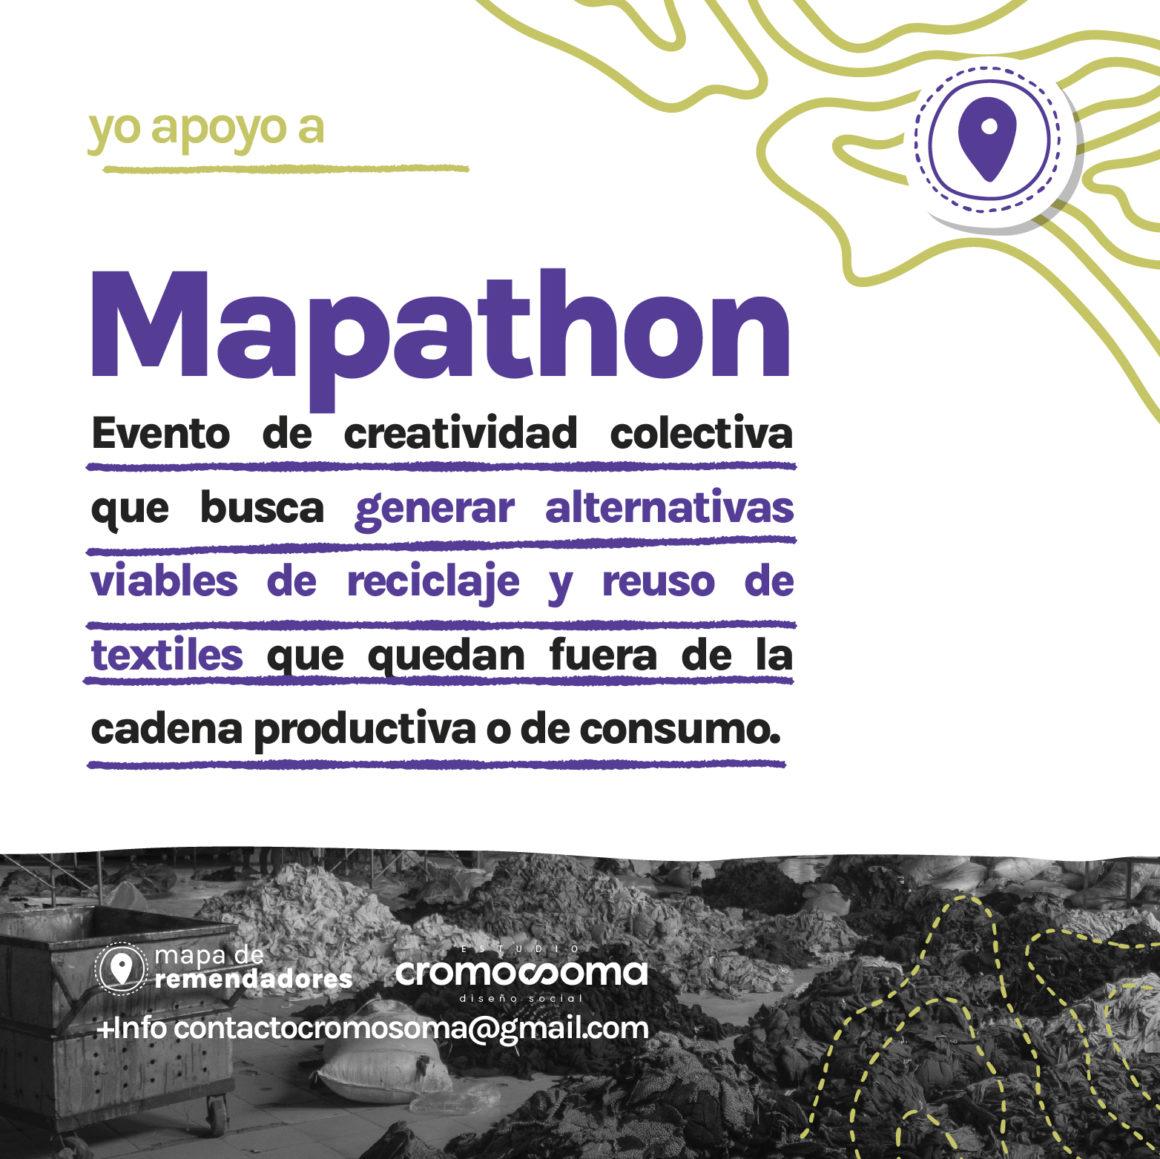 Mapathon: Un evento de creatividad colectiva que busca soluciones al Residuo Textil